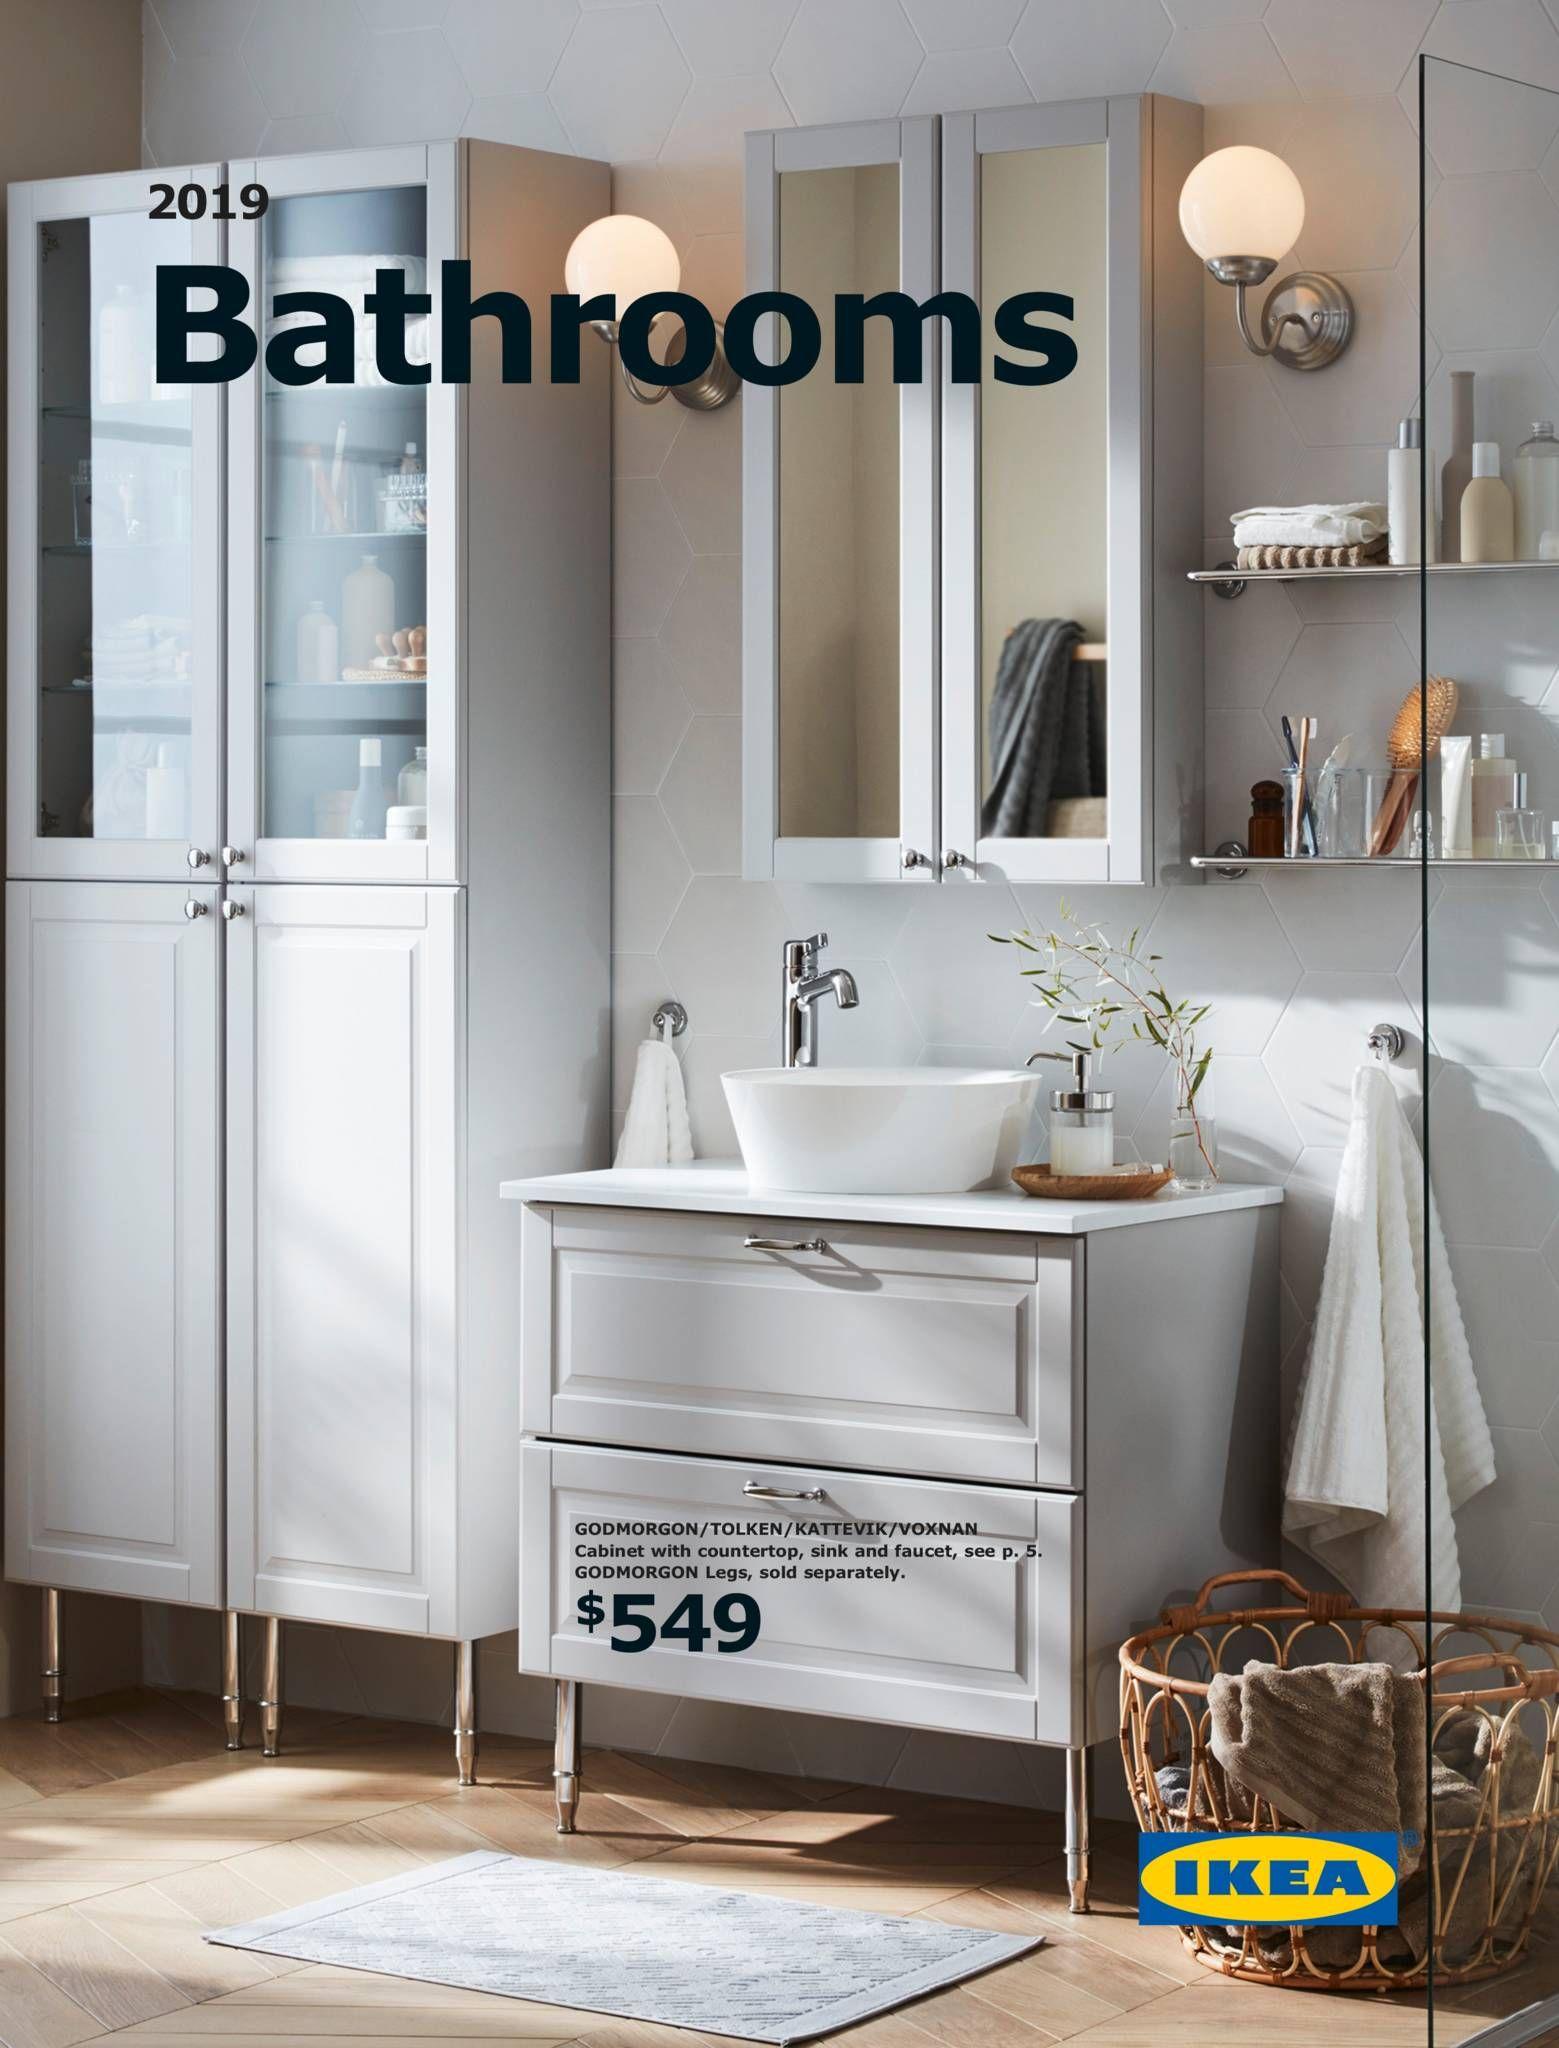 BATHROOM 4 - IKEA Bathroom Brochure 4  Fitted bathroom